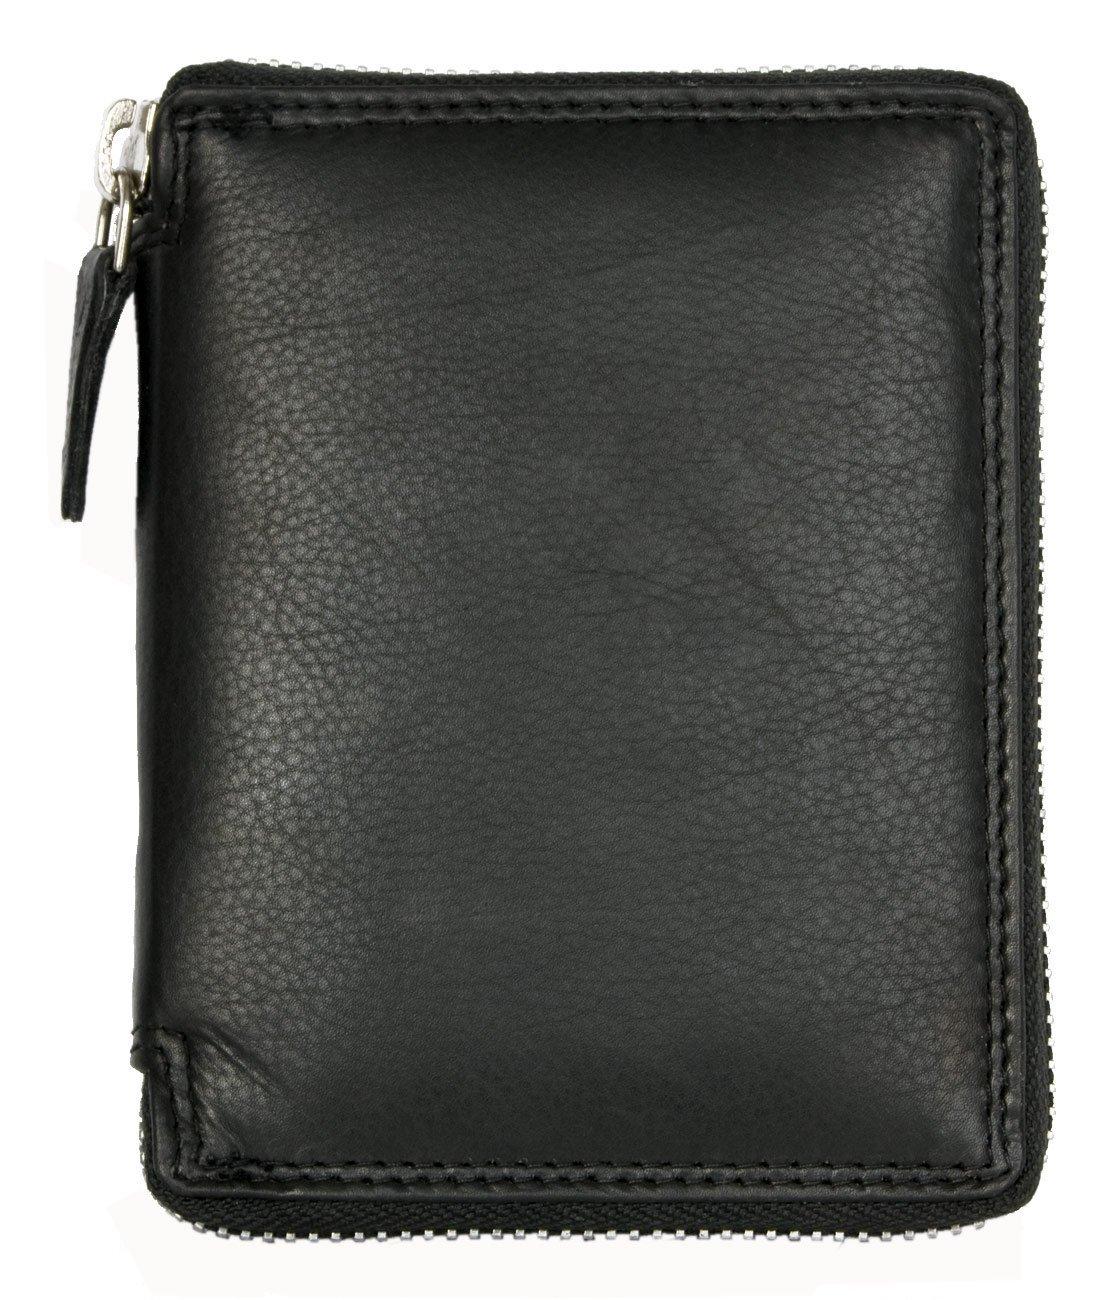 Cartera Kabana negro de cuero genuino de calidad con la cremallera de metal alrededor: Amazon.es: Equipaje